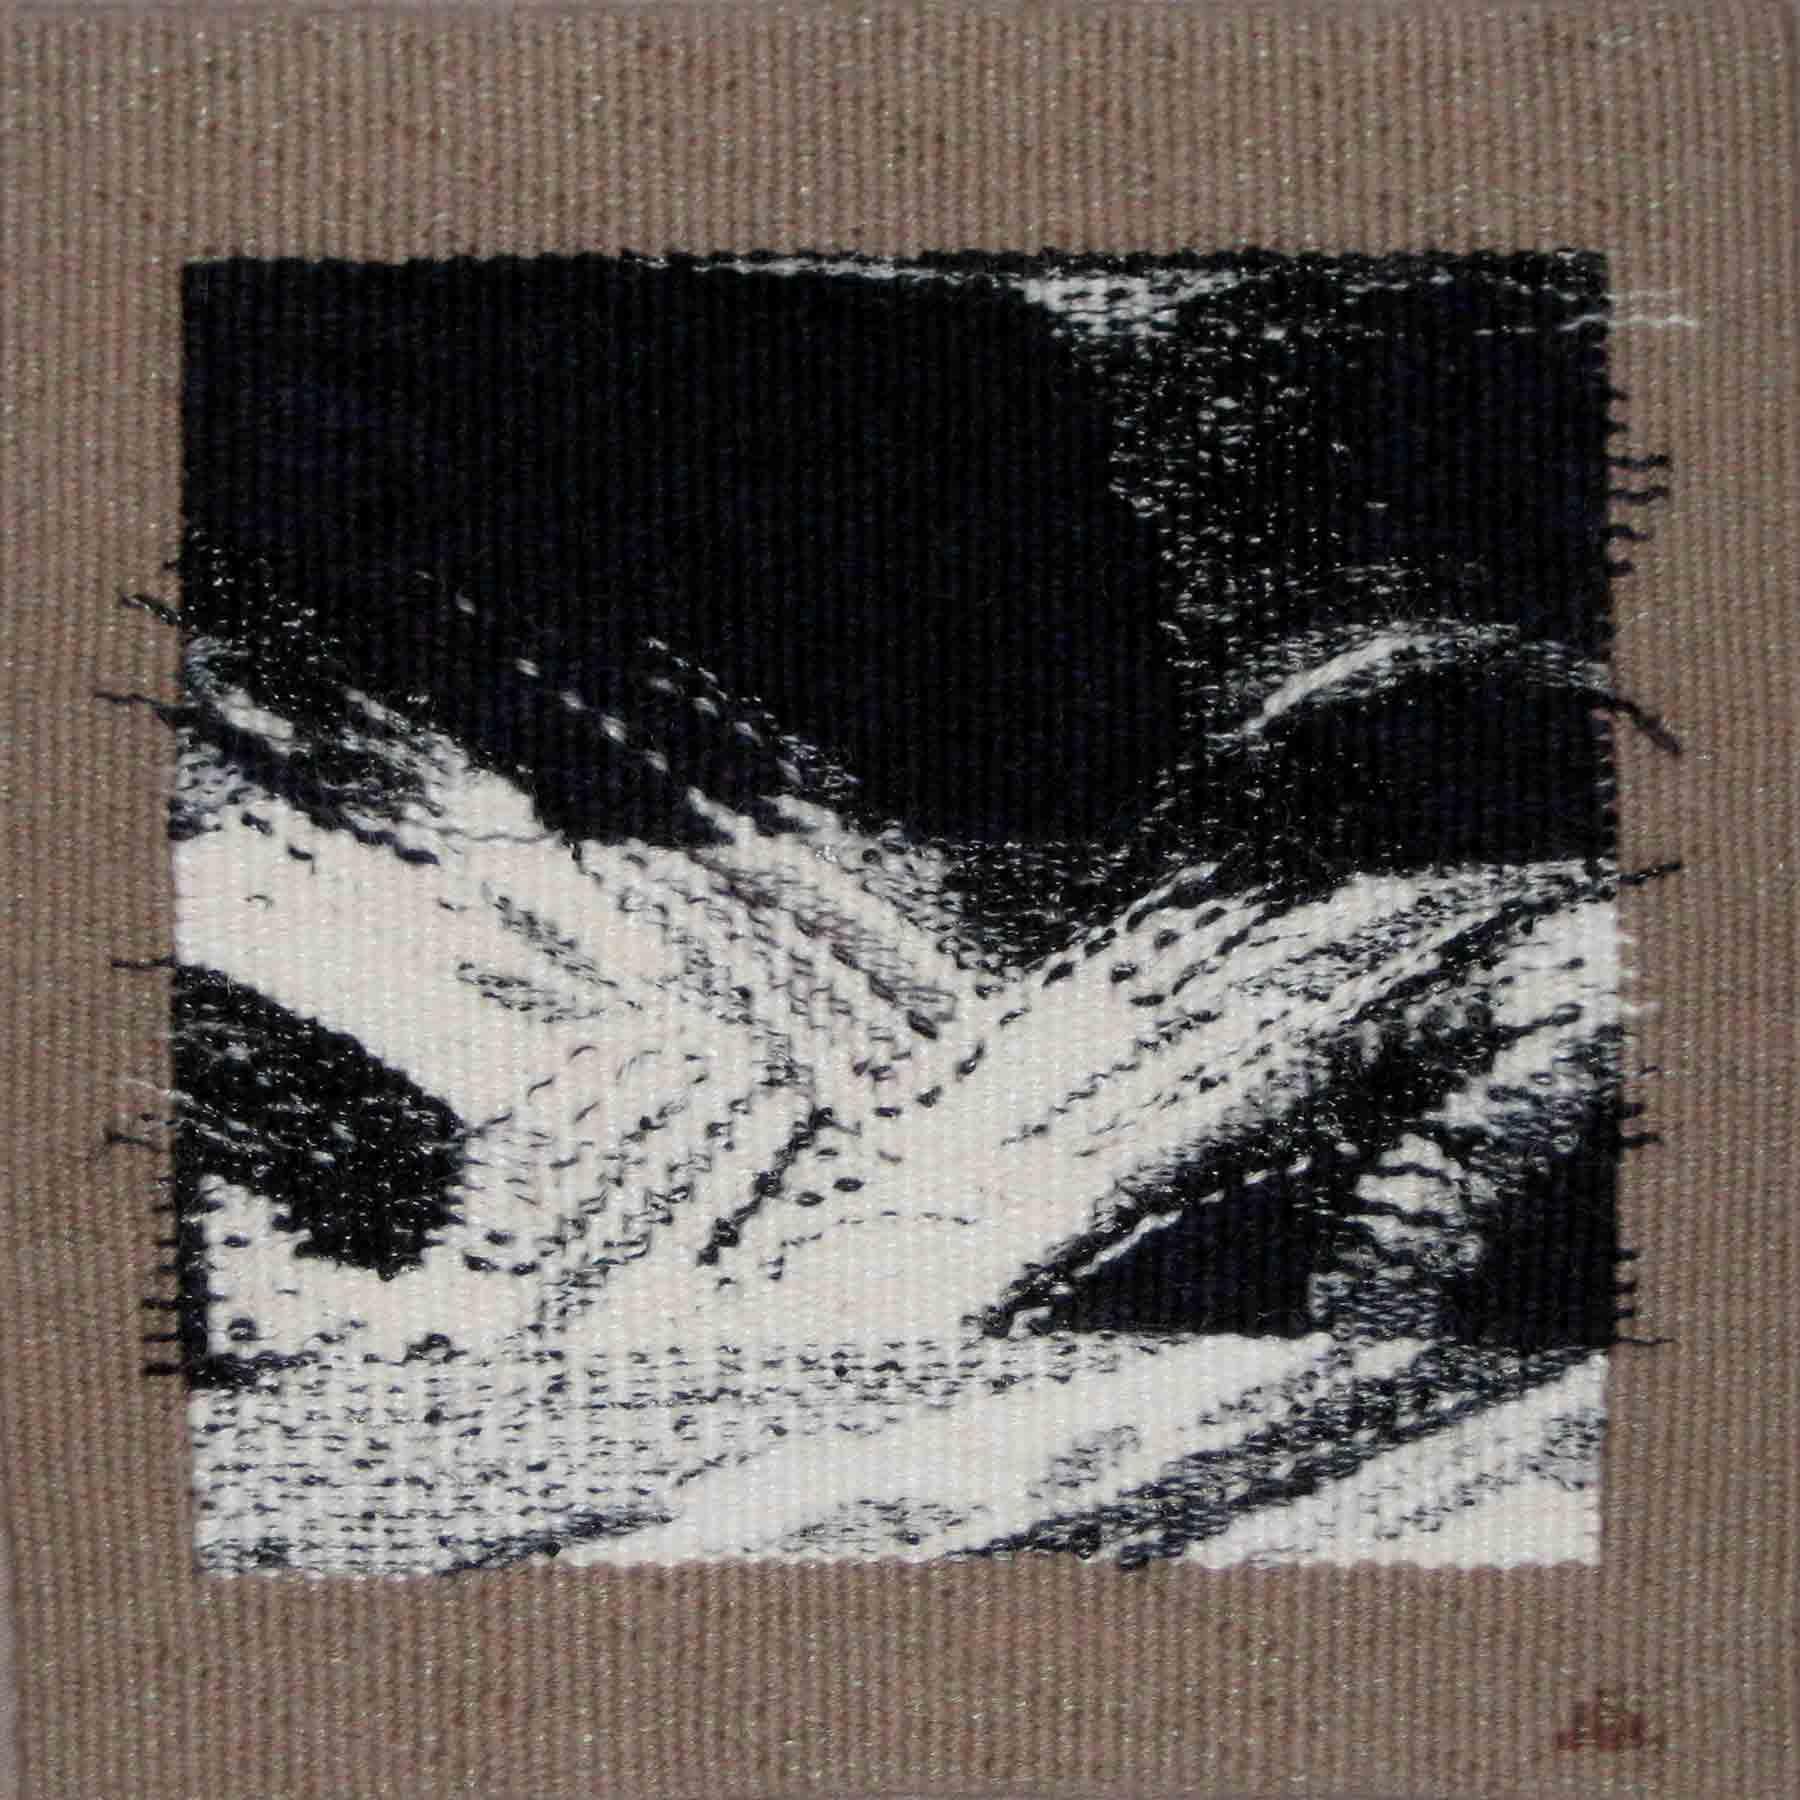 Chaotic Fragments Part 2, Janet Austin